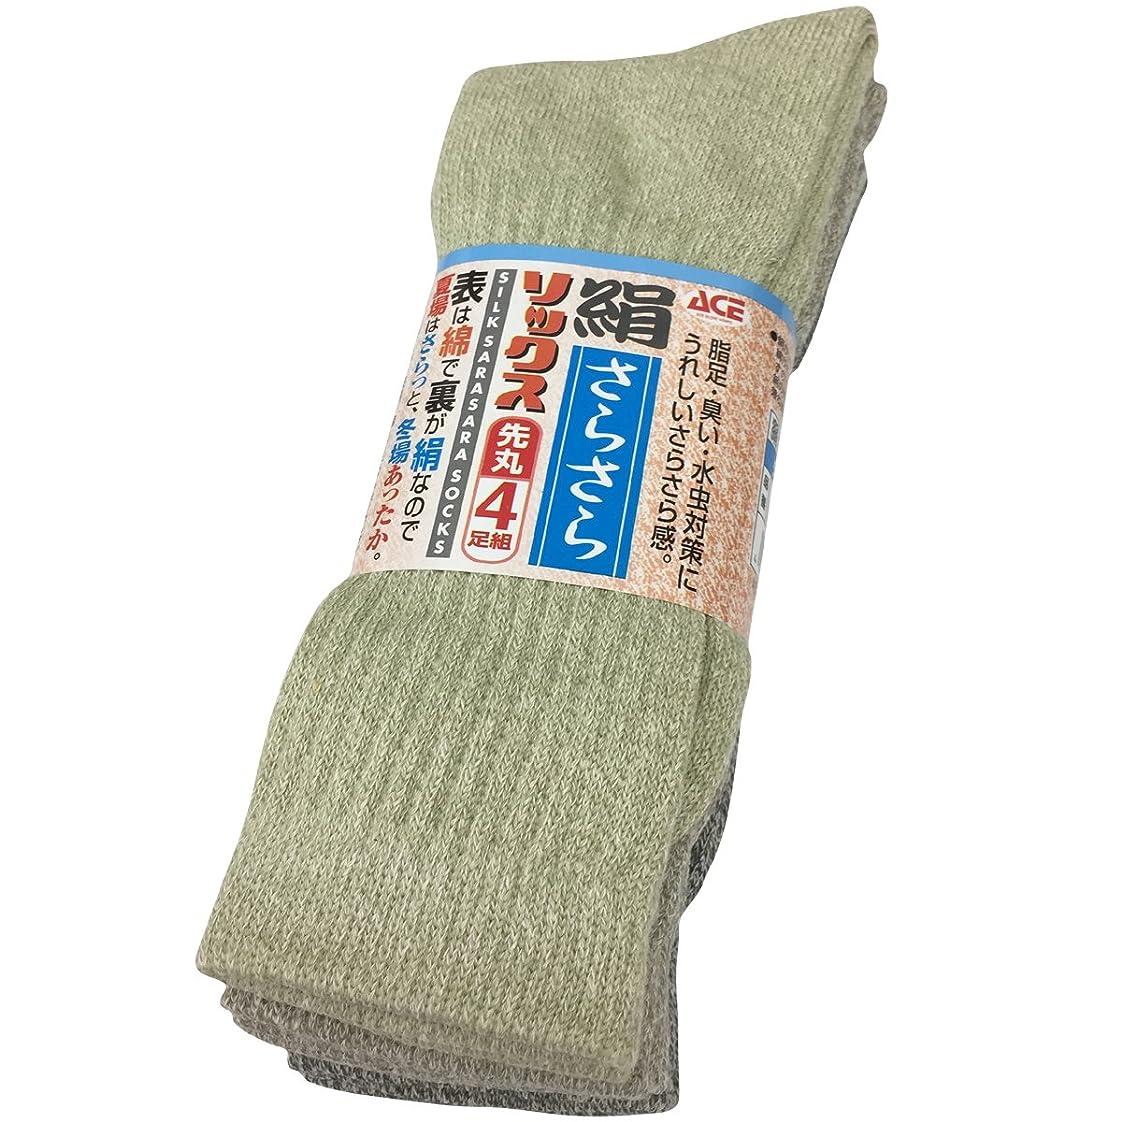 服を片付ける若いシャックル【エースグローブ】 絹サラサラソックス カラー 先丸 4足組 AG240